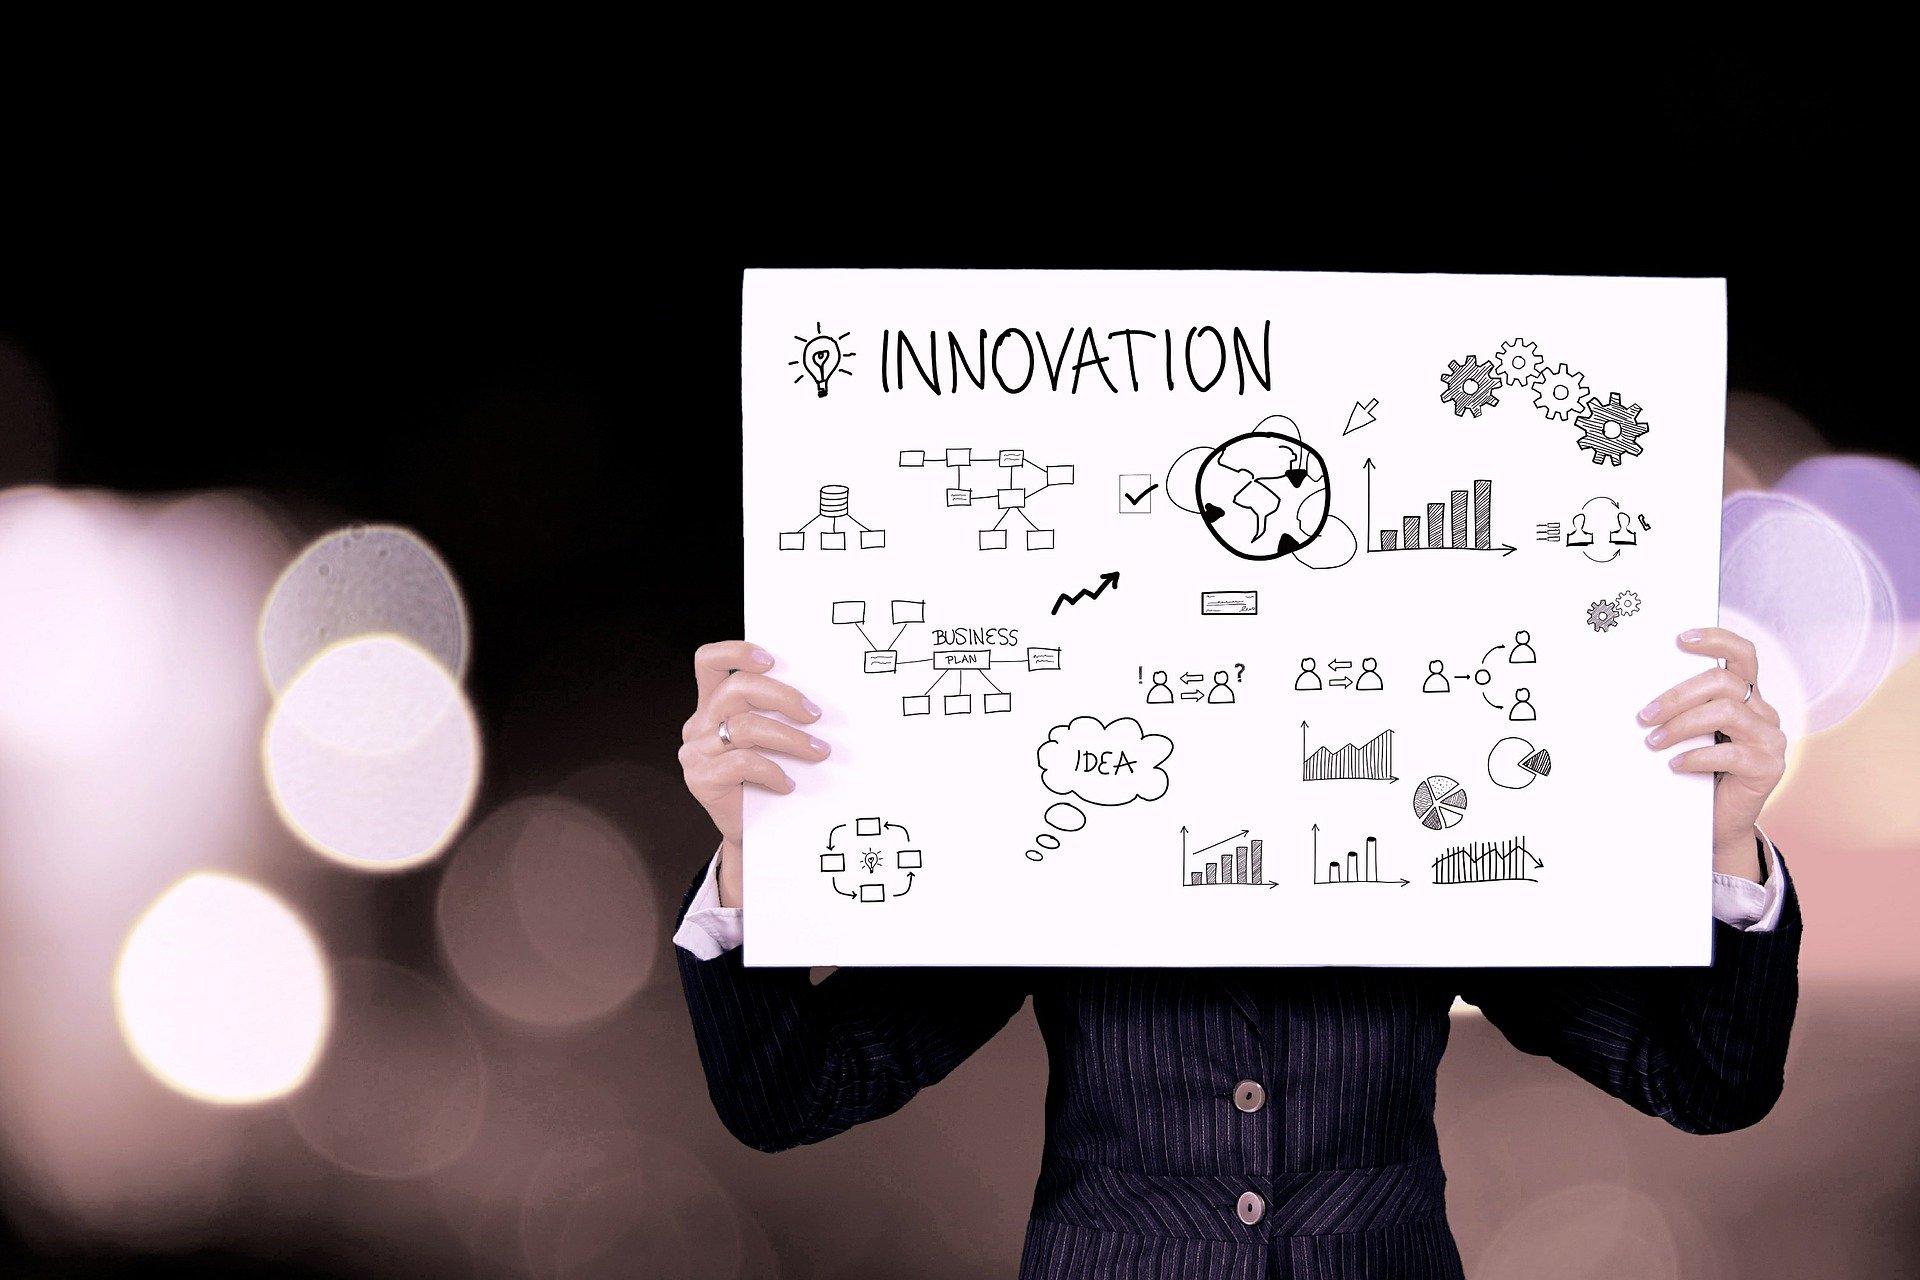 Desafios da Inovação: o tsunami digital